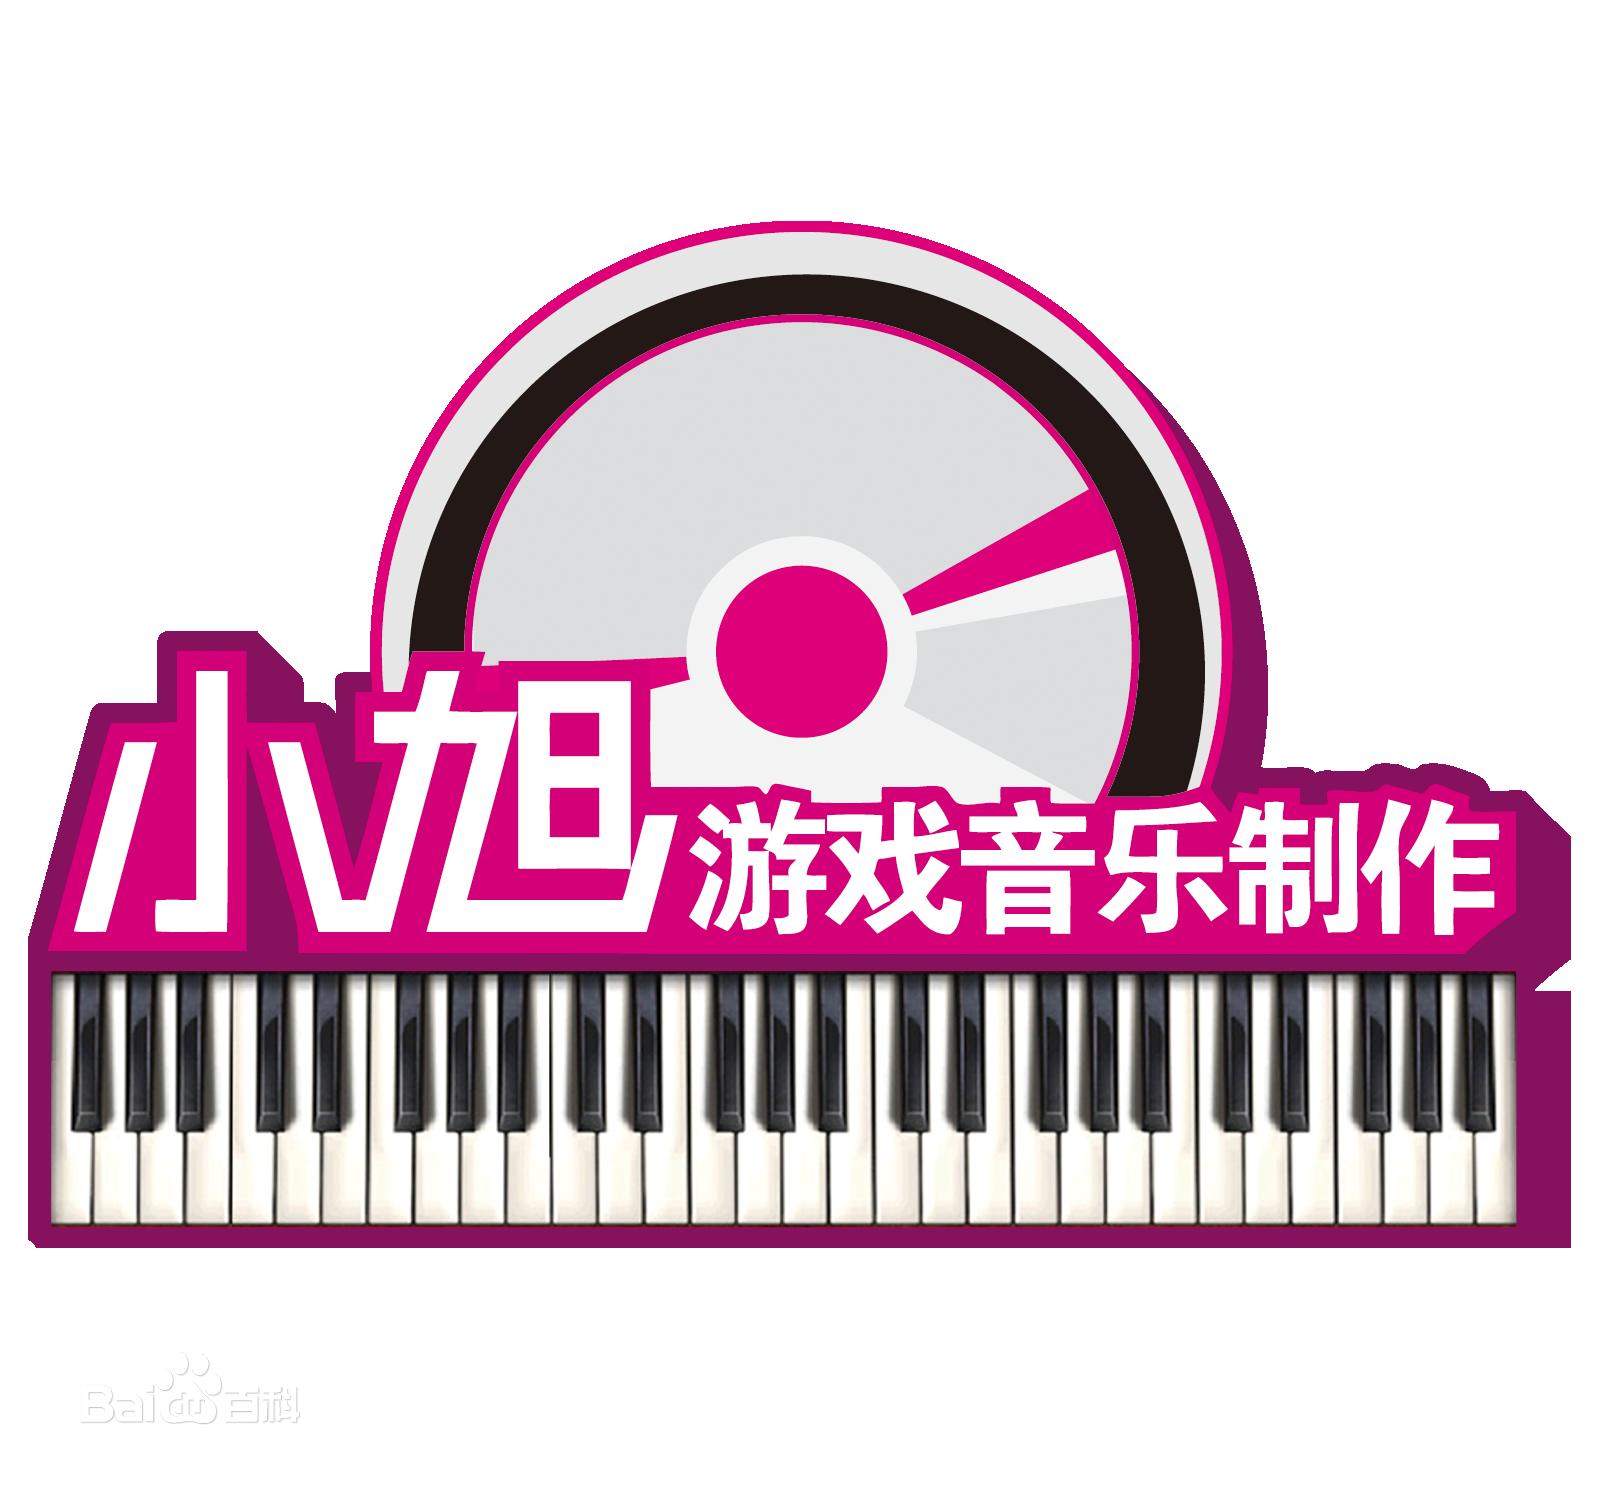 北京小旭音乐文化有限责任公司